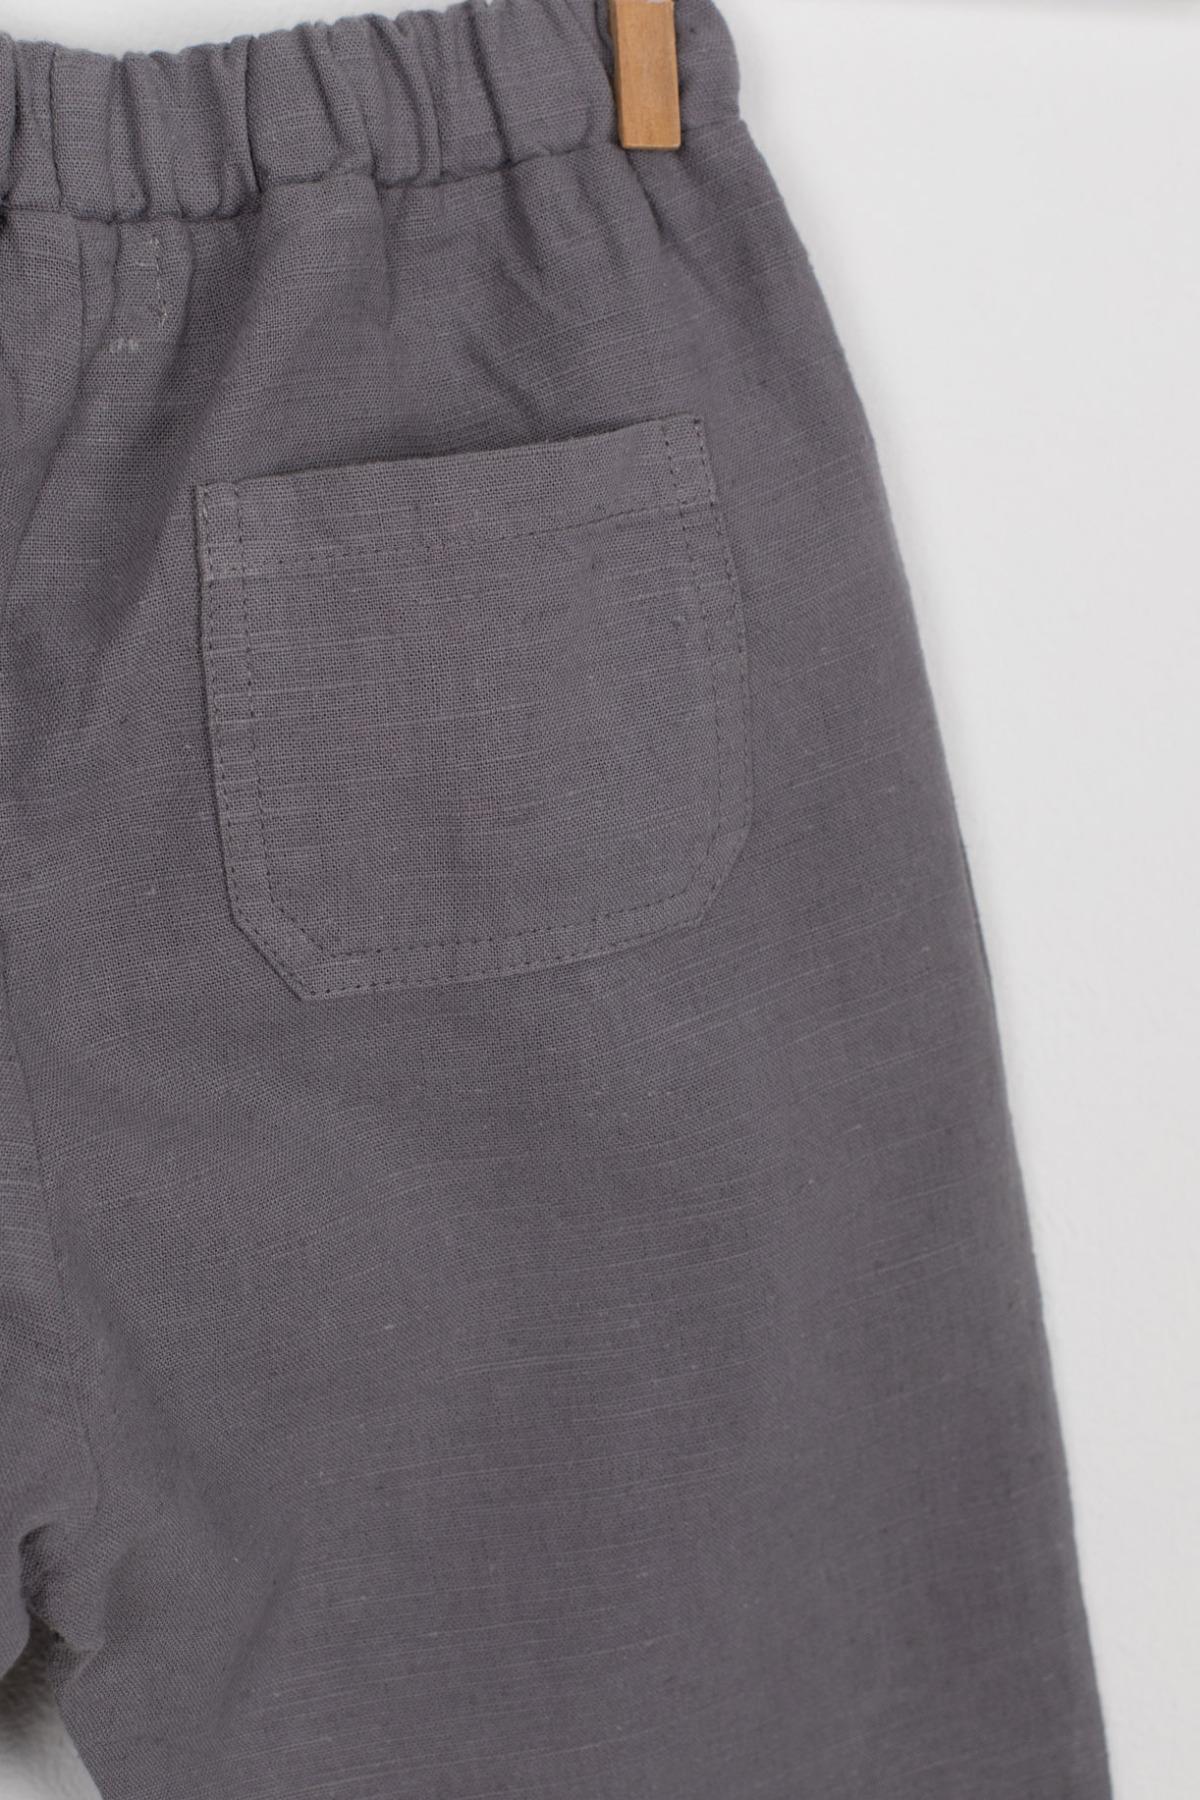 Girona Pants Lässige Hose mit Seitentaschen